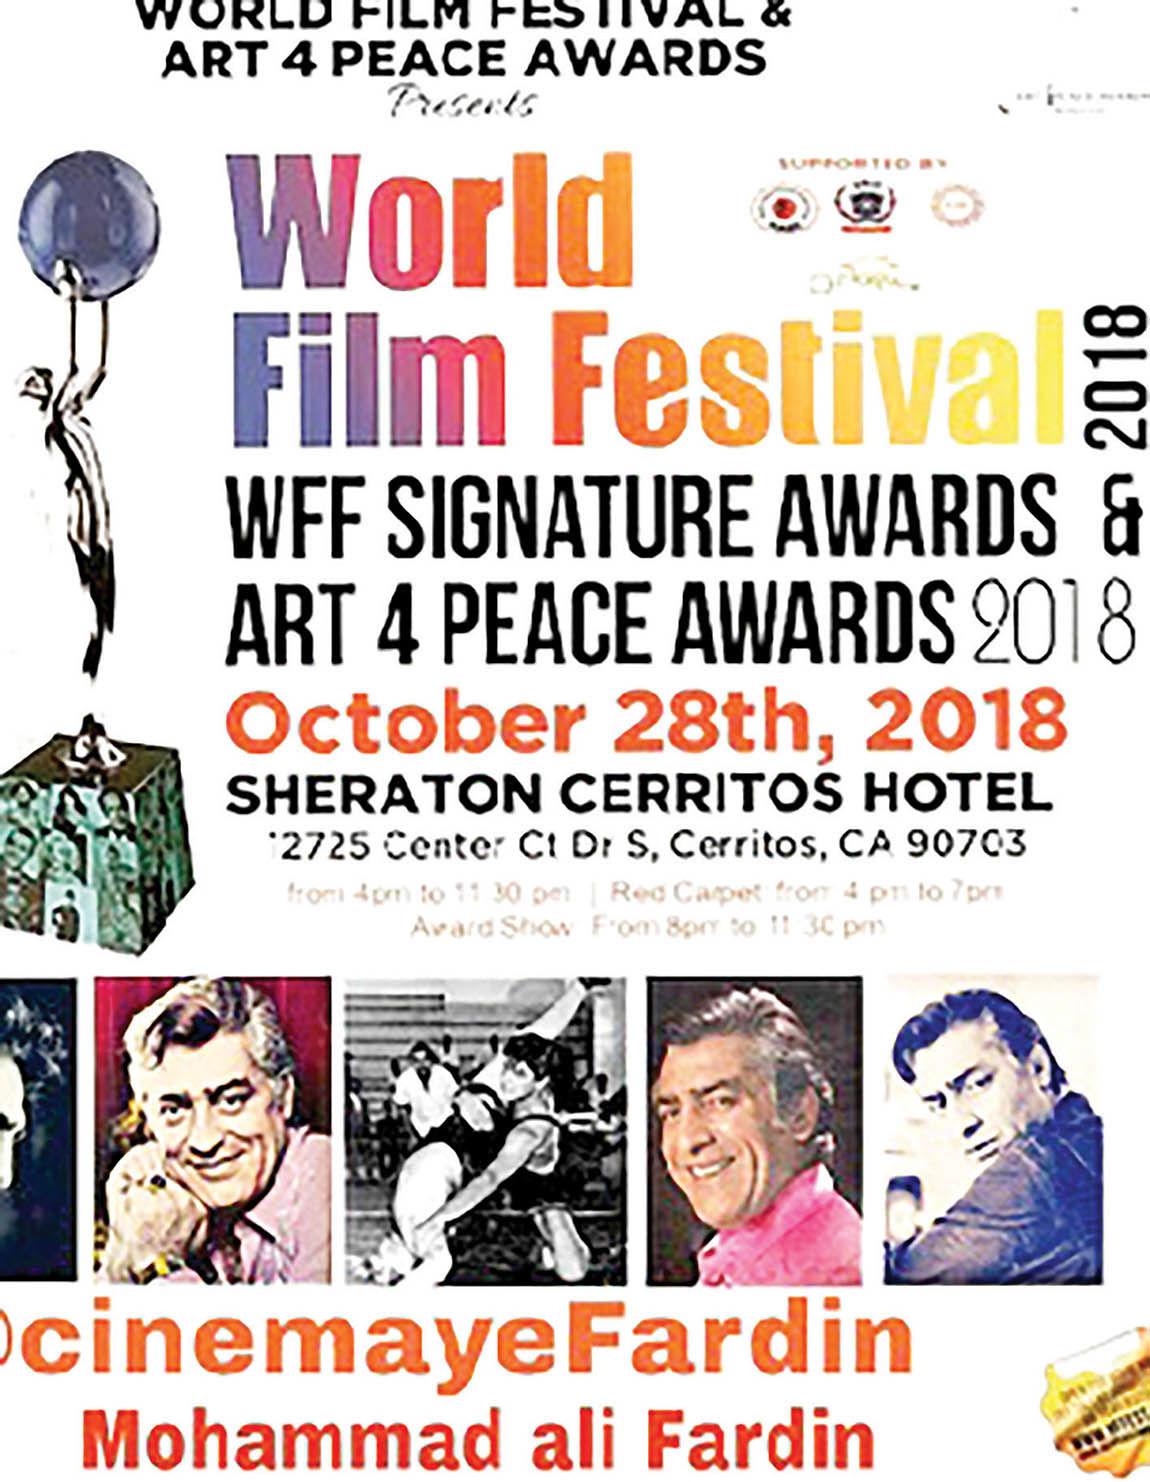 تجلیل فستیوال جهانی «صلح» از محمدعلی فردین